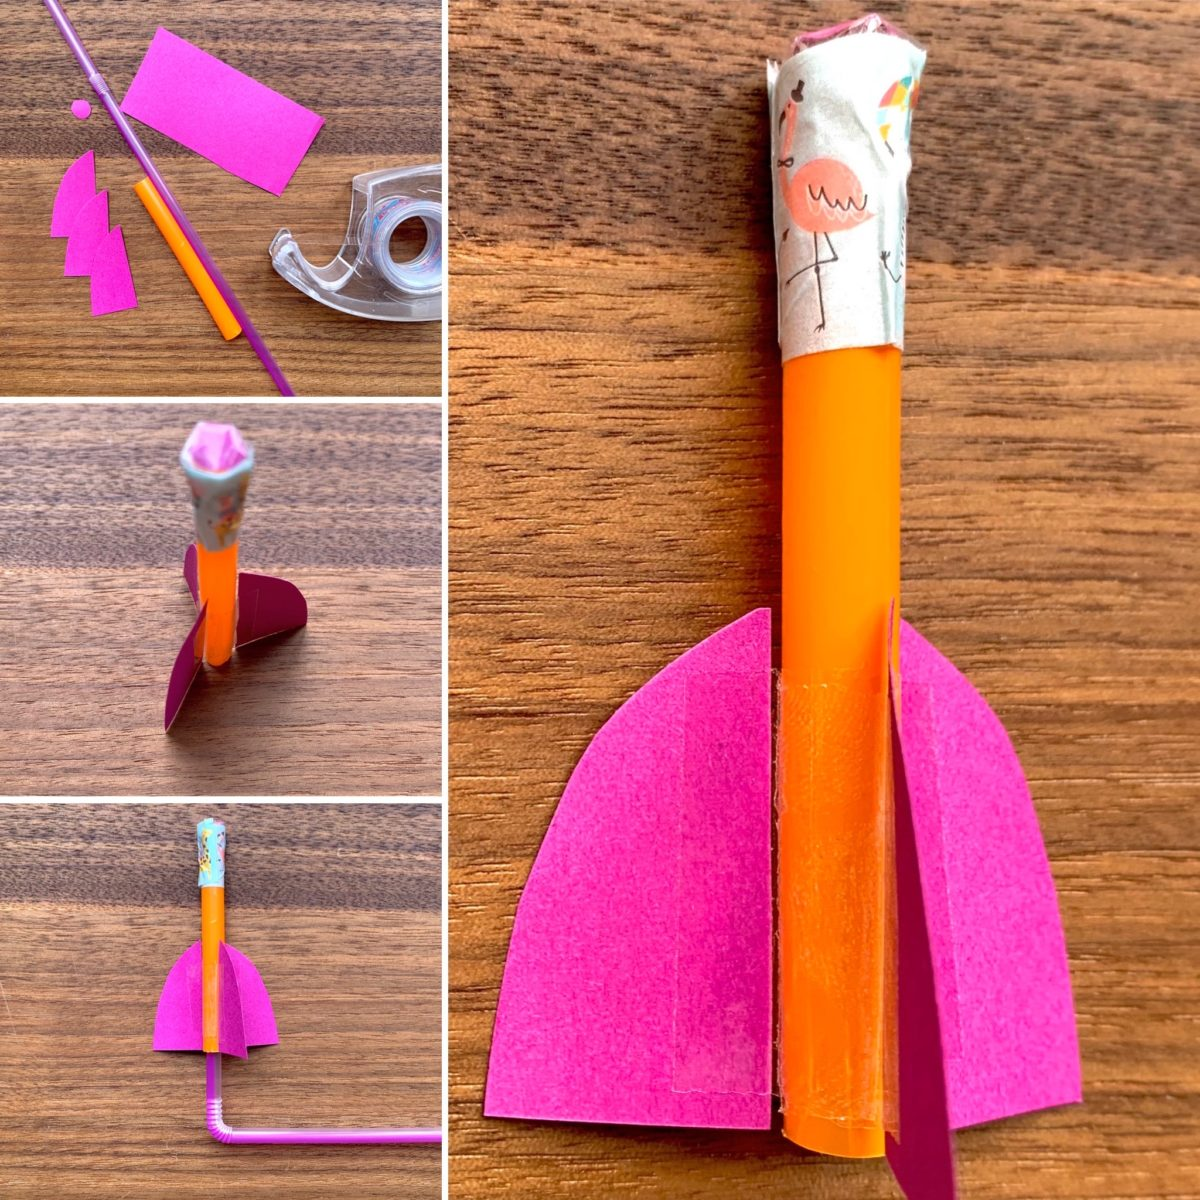 SCHNELL GEFORSCHT: Mini-Rakete